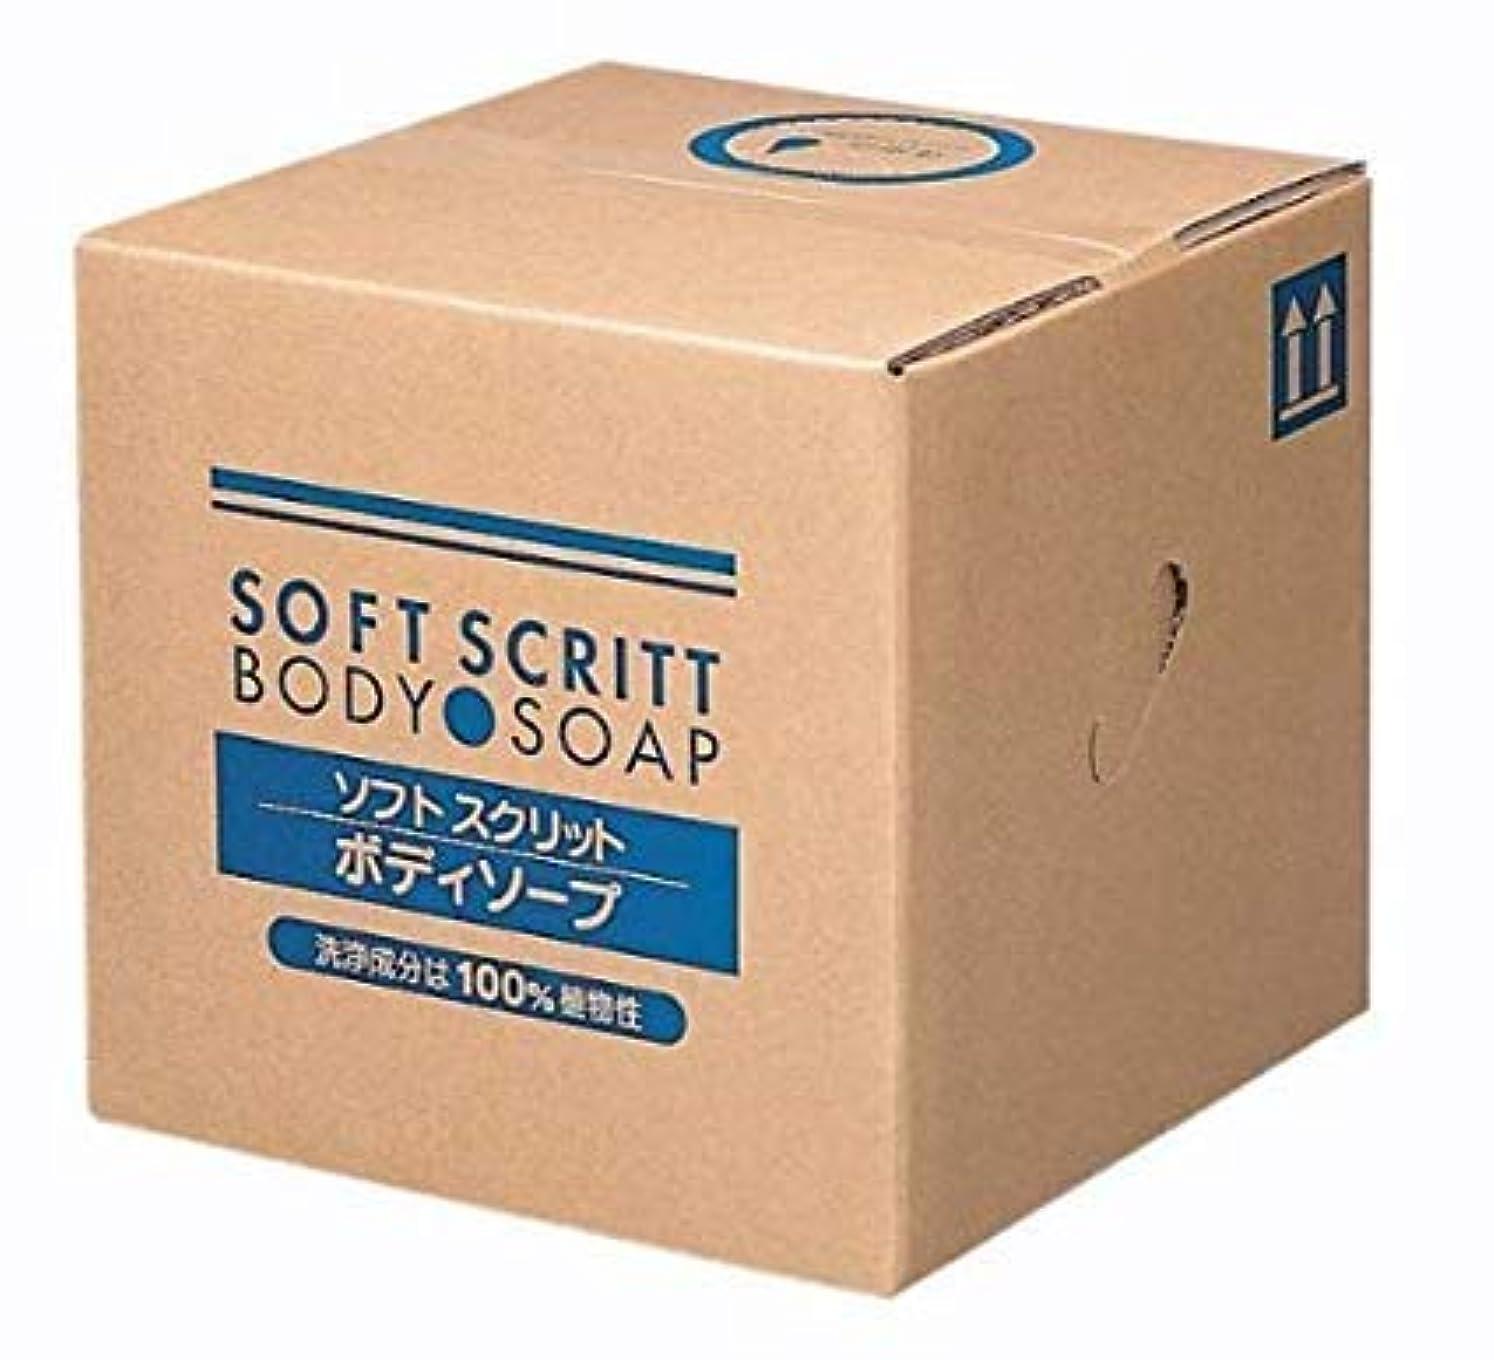 宿題をする十分ではないみすぼらしい業務用 SOFT SCRITT(ソフト スクリット) ボディソープ 18L 熊野油脂 (コック無し)